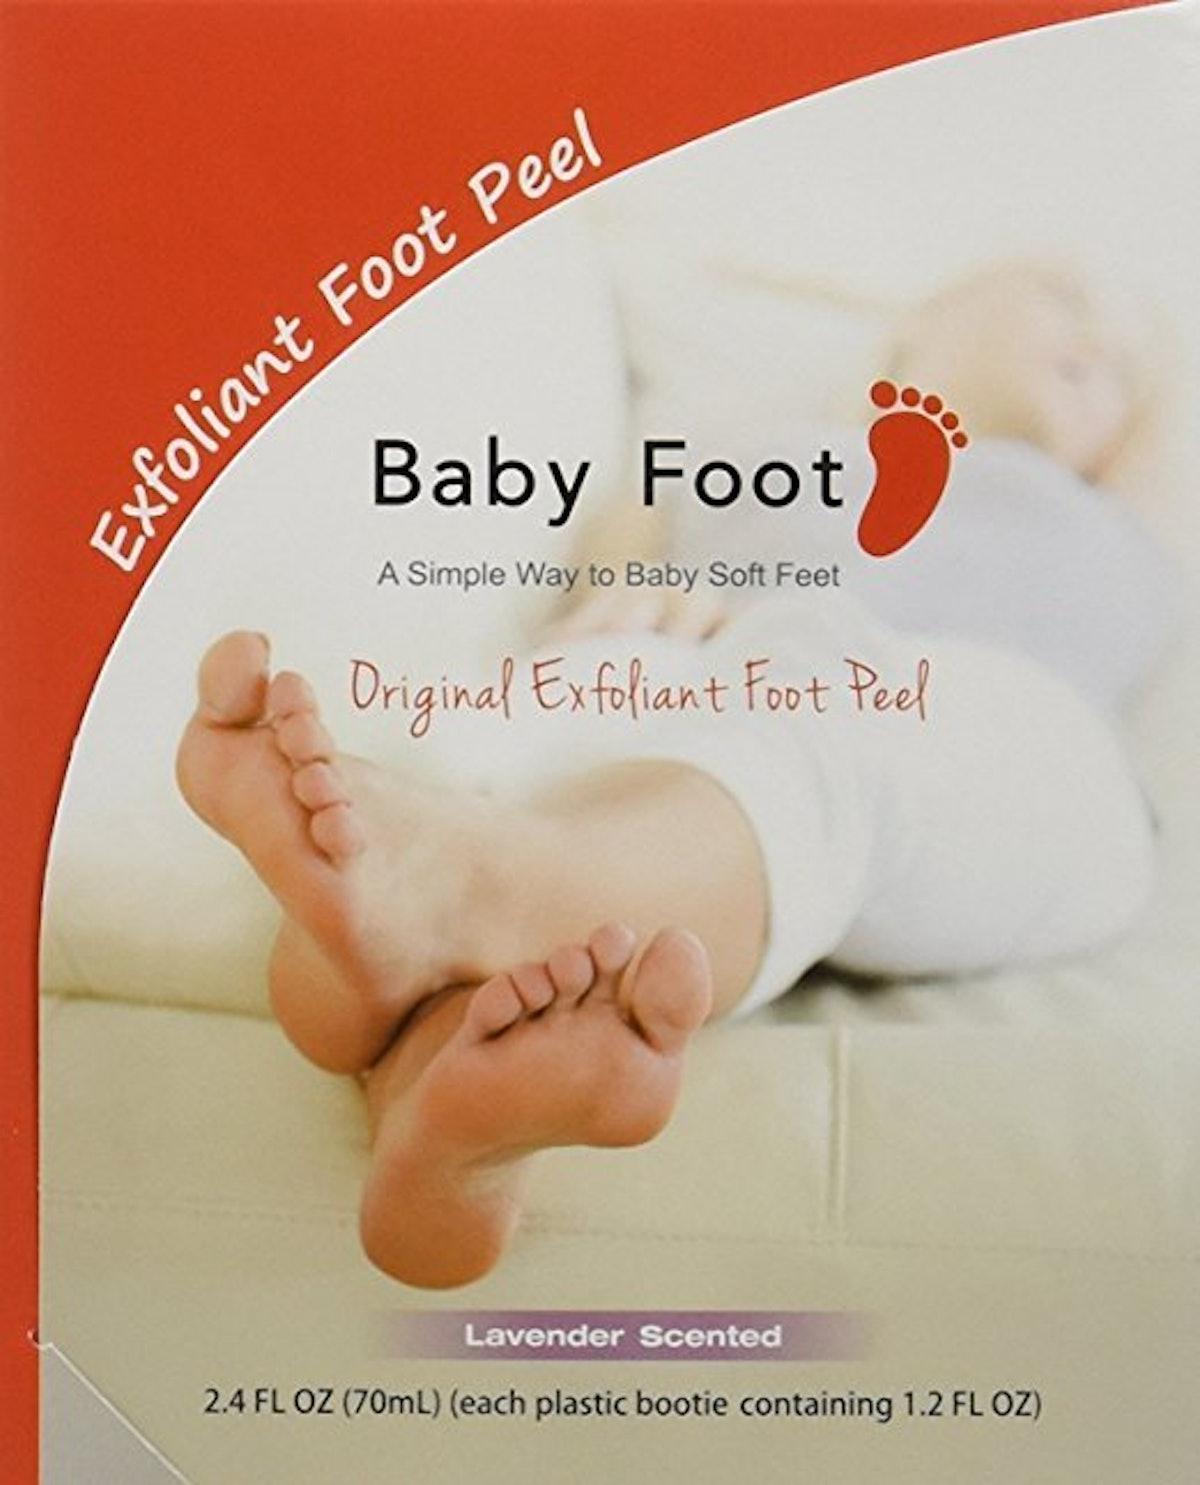 Baby Foot Lavender Foot Peel